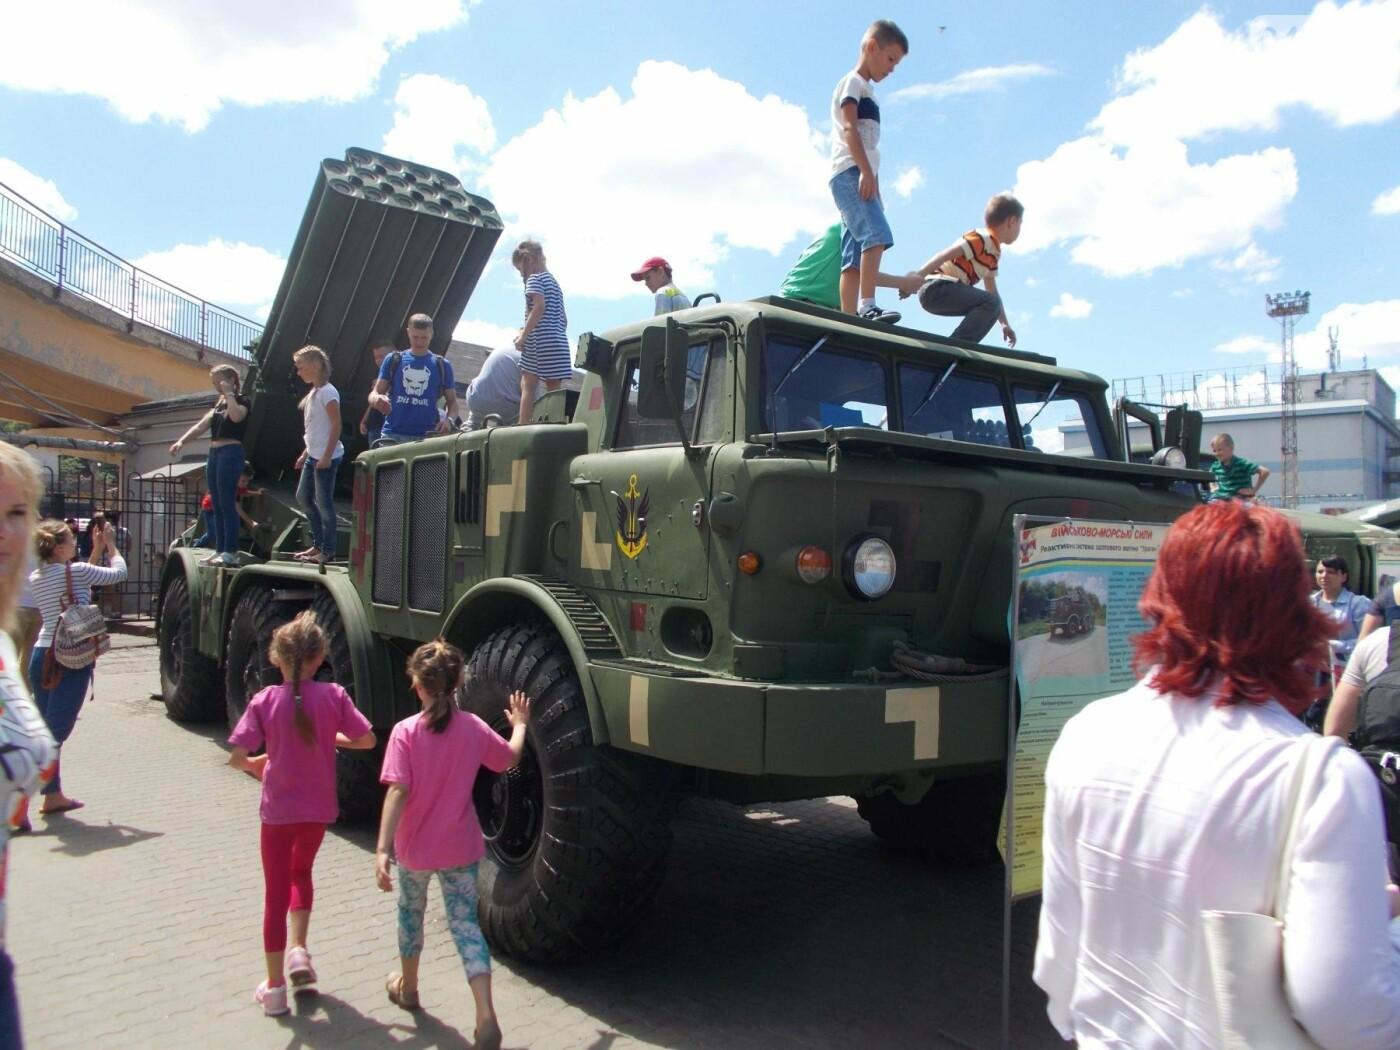 День Военно-морских сил Украины отпраздновали на Одесском морвокзале, - ФОТО , фото-31